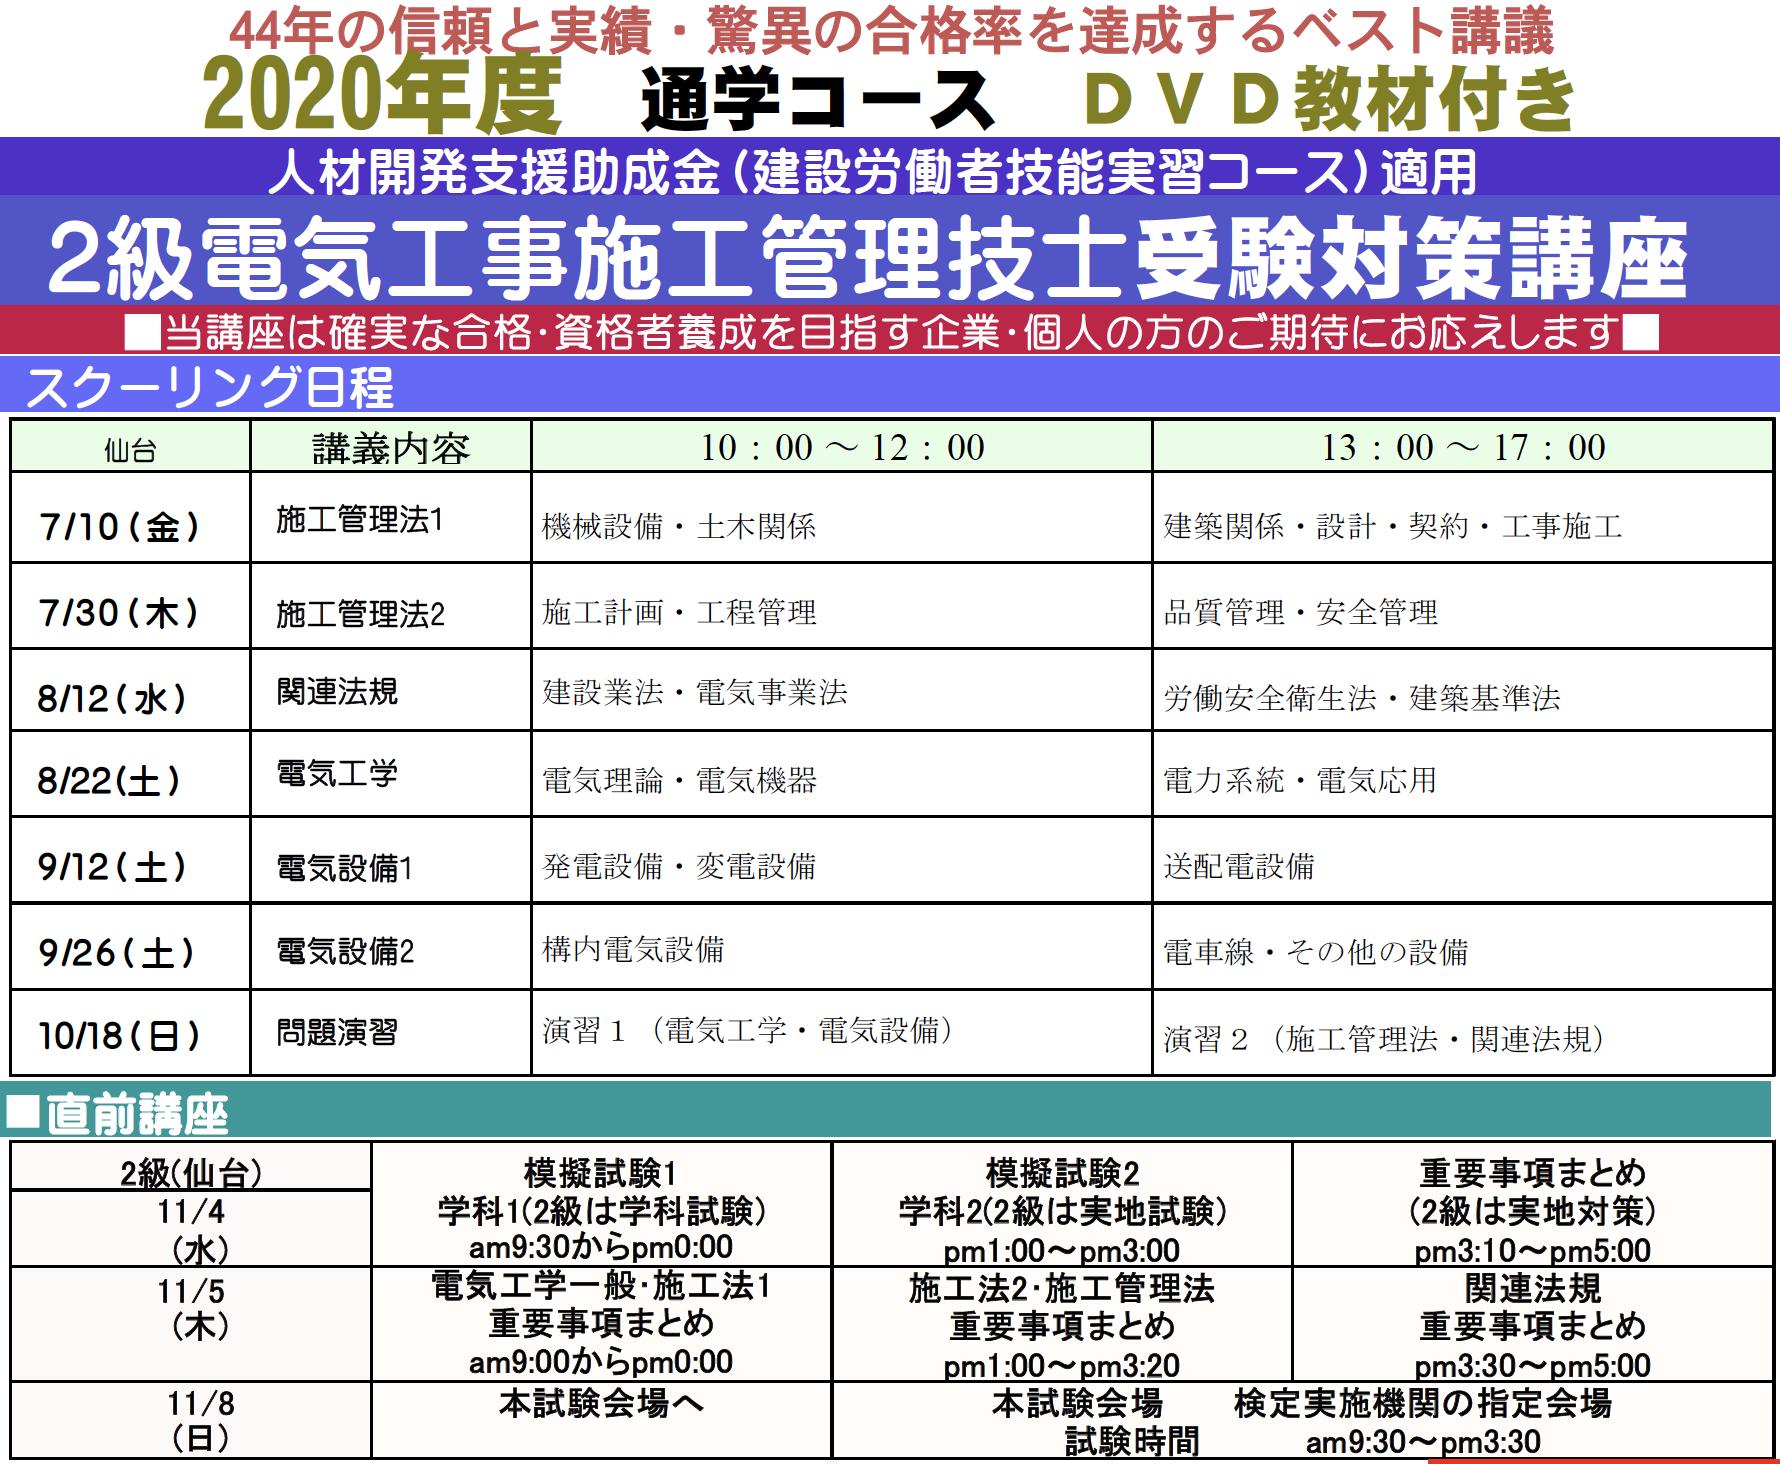 技士 電気 施工 級 解答 1 工事 速報 管理 電気工事施工管理技士(1級・2級)|CIC日本建設情報センター